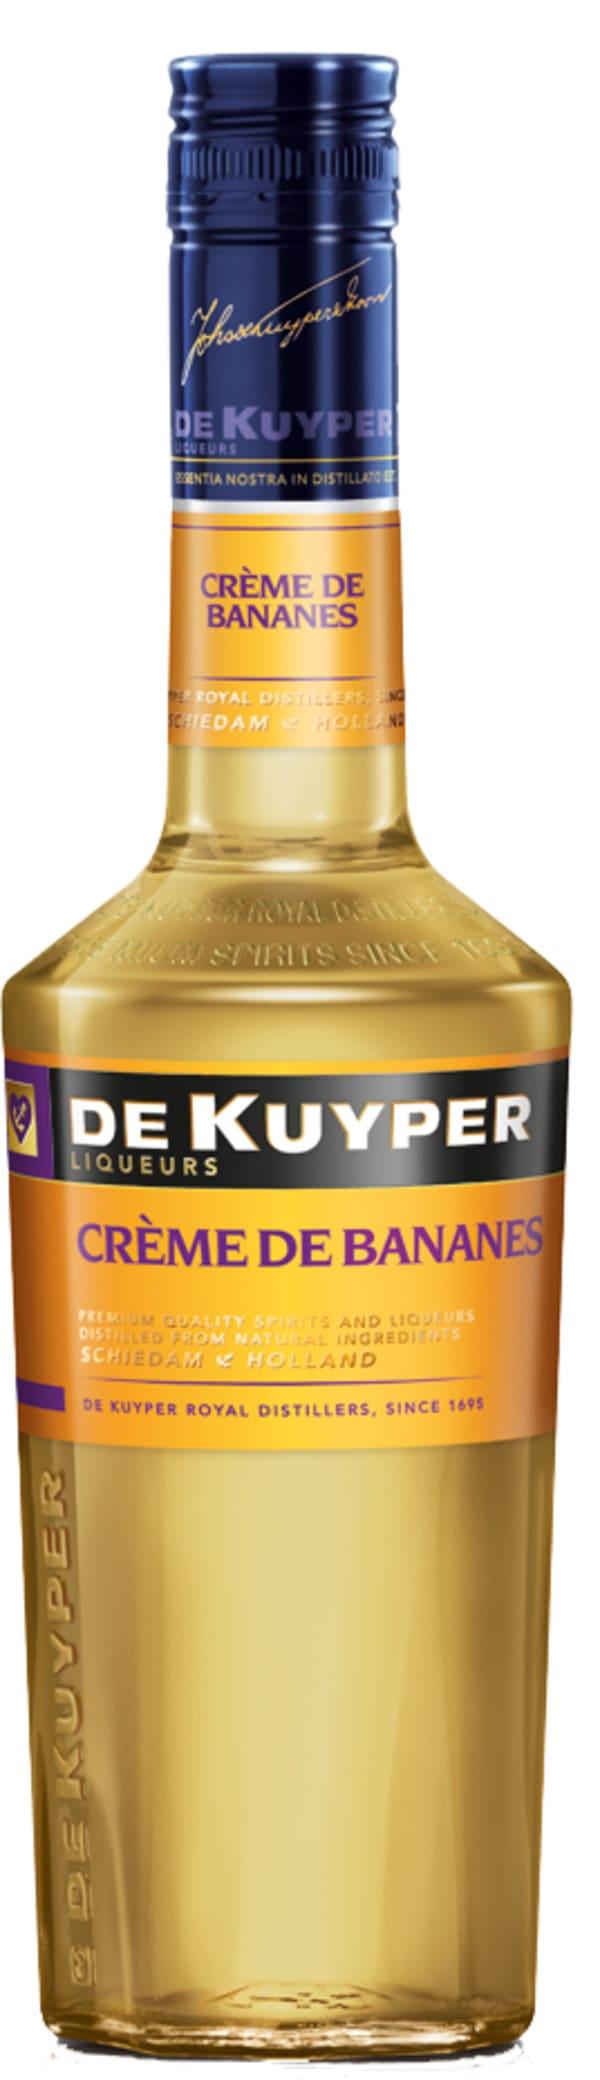 De Kuyper Crème de Bananes